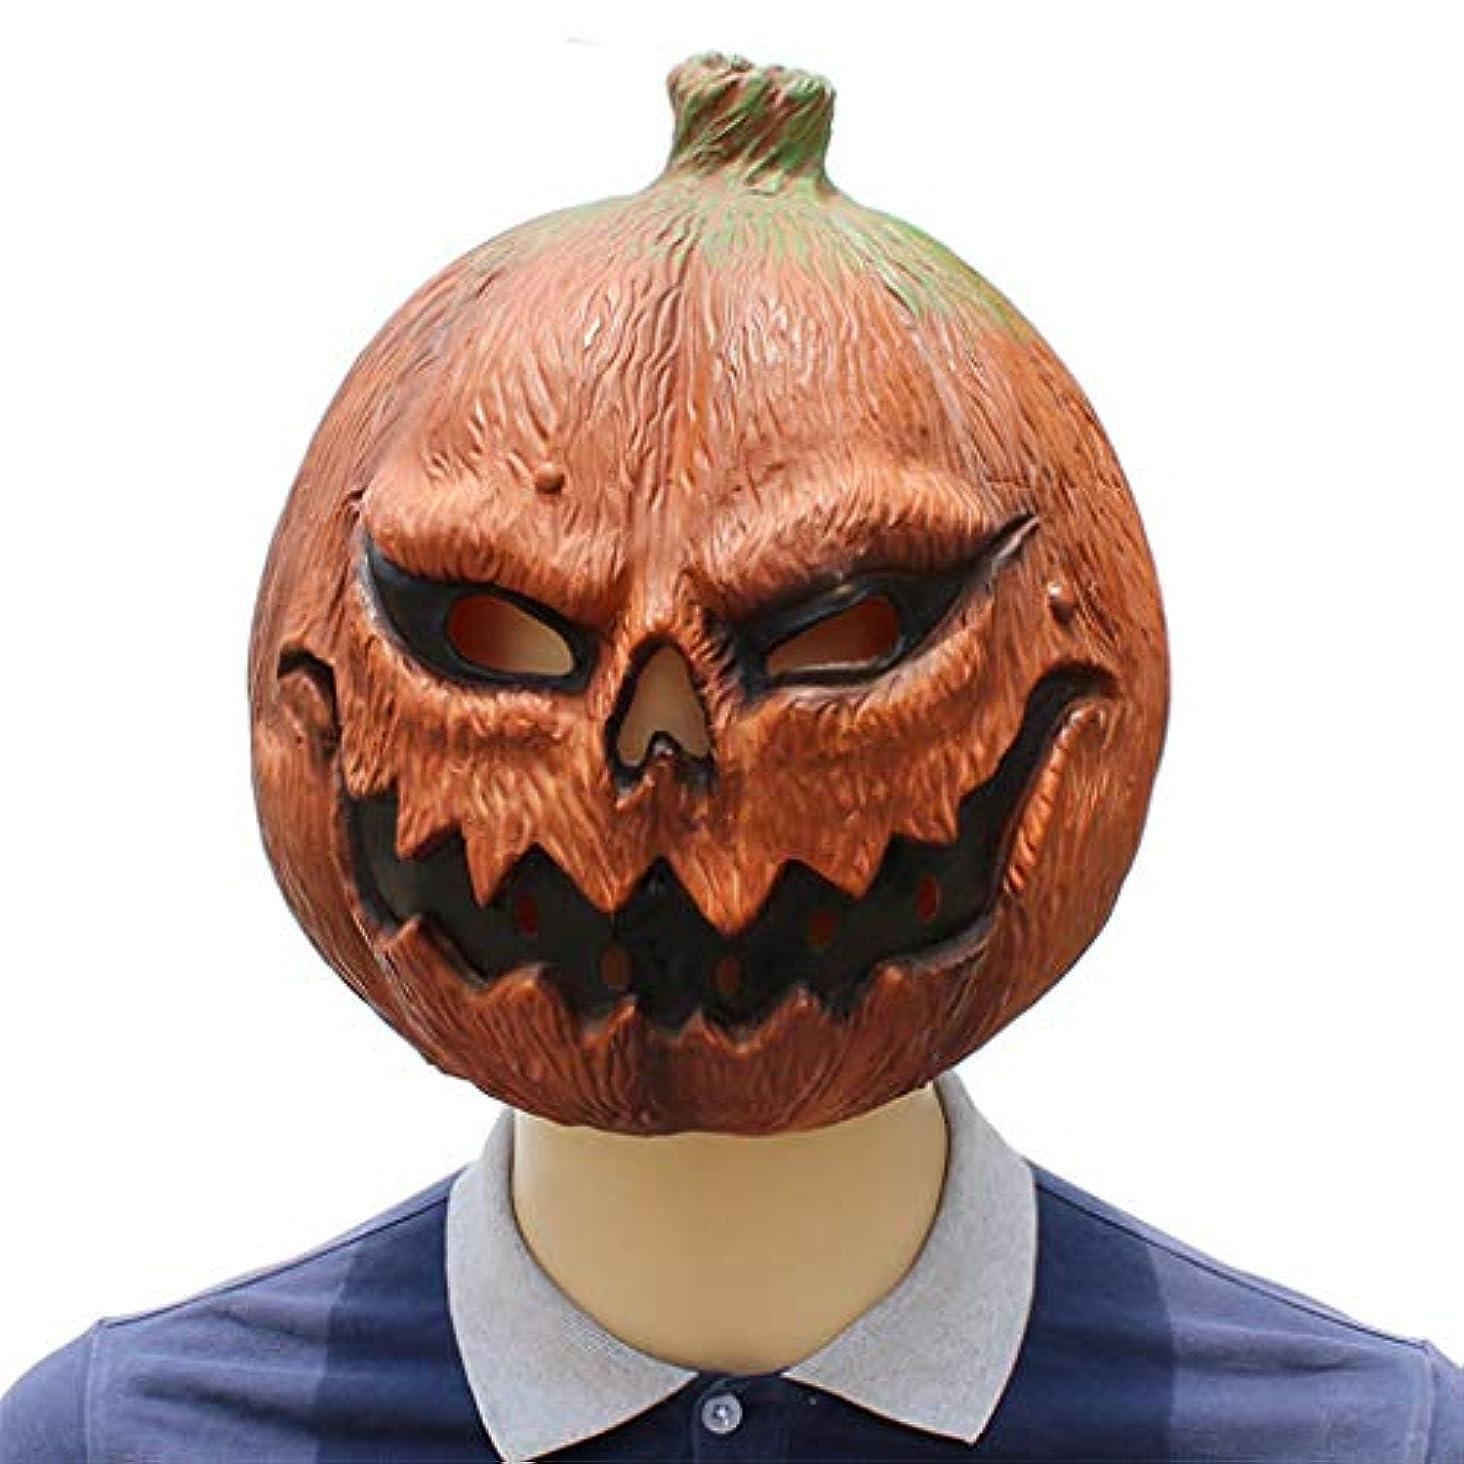 困惑した喪社員ハロウィーンマスク、変な顔、ラテックス南Southげ通気性ボールドレス、ハロウィーン、イースター、カーニバル、コスチュームパーティー用